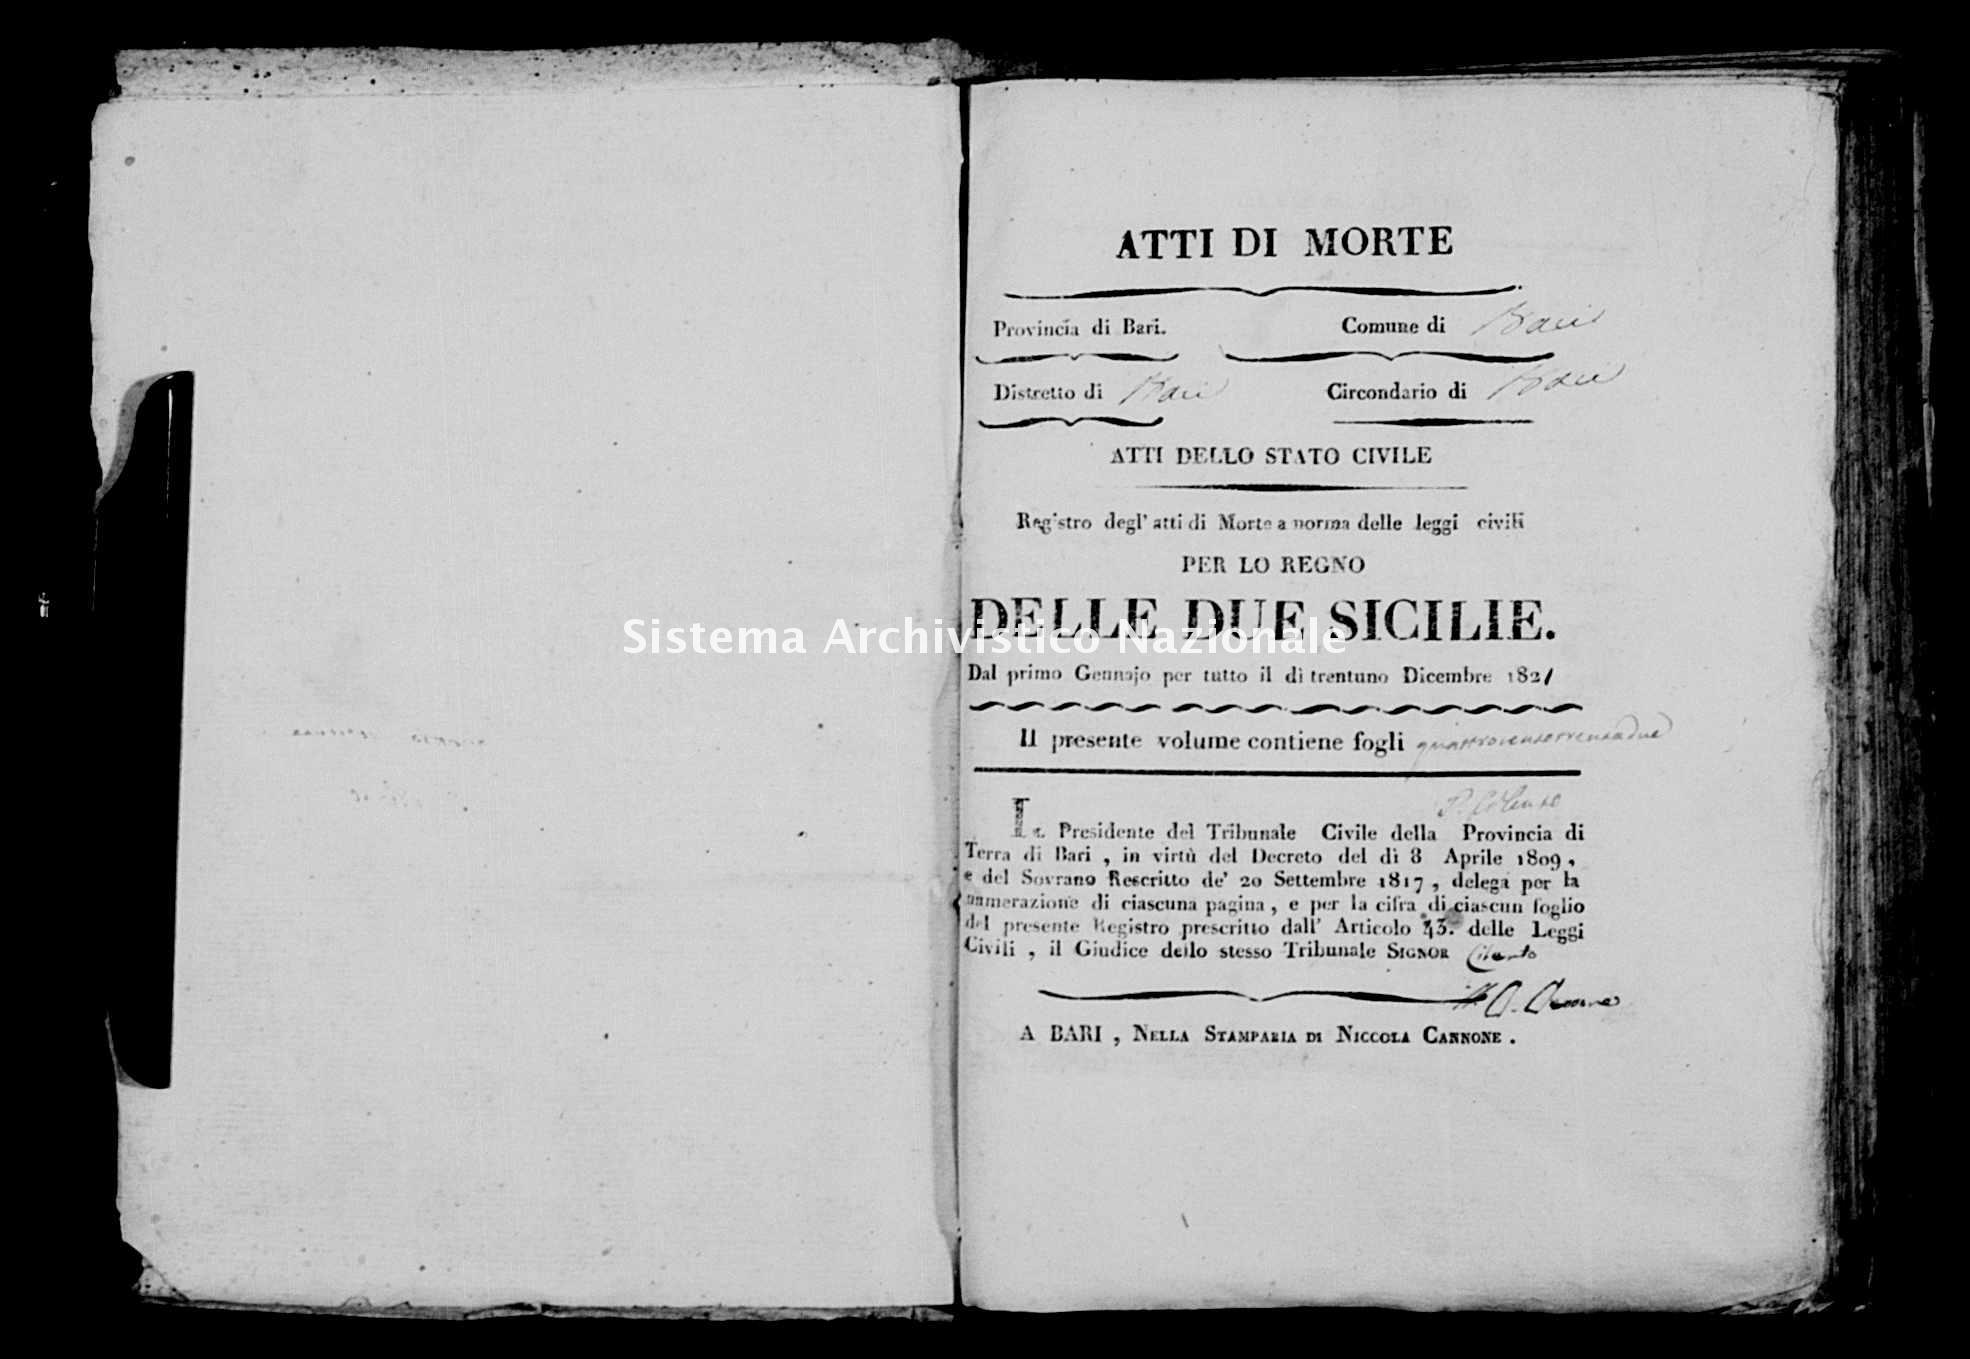 Archivio di stato di Bari - Stato civile della restaurazione - Bari - Morti - 1821 -